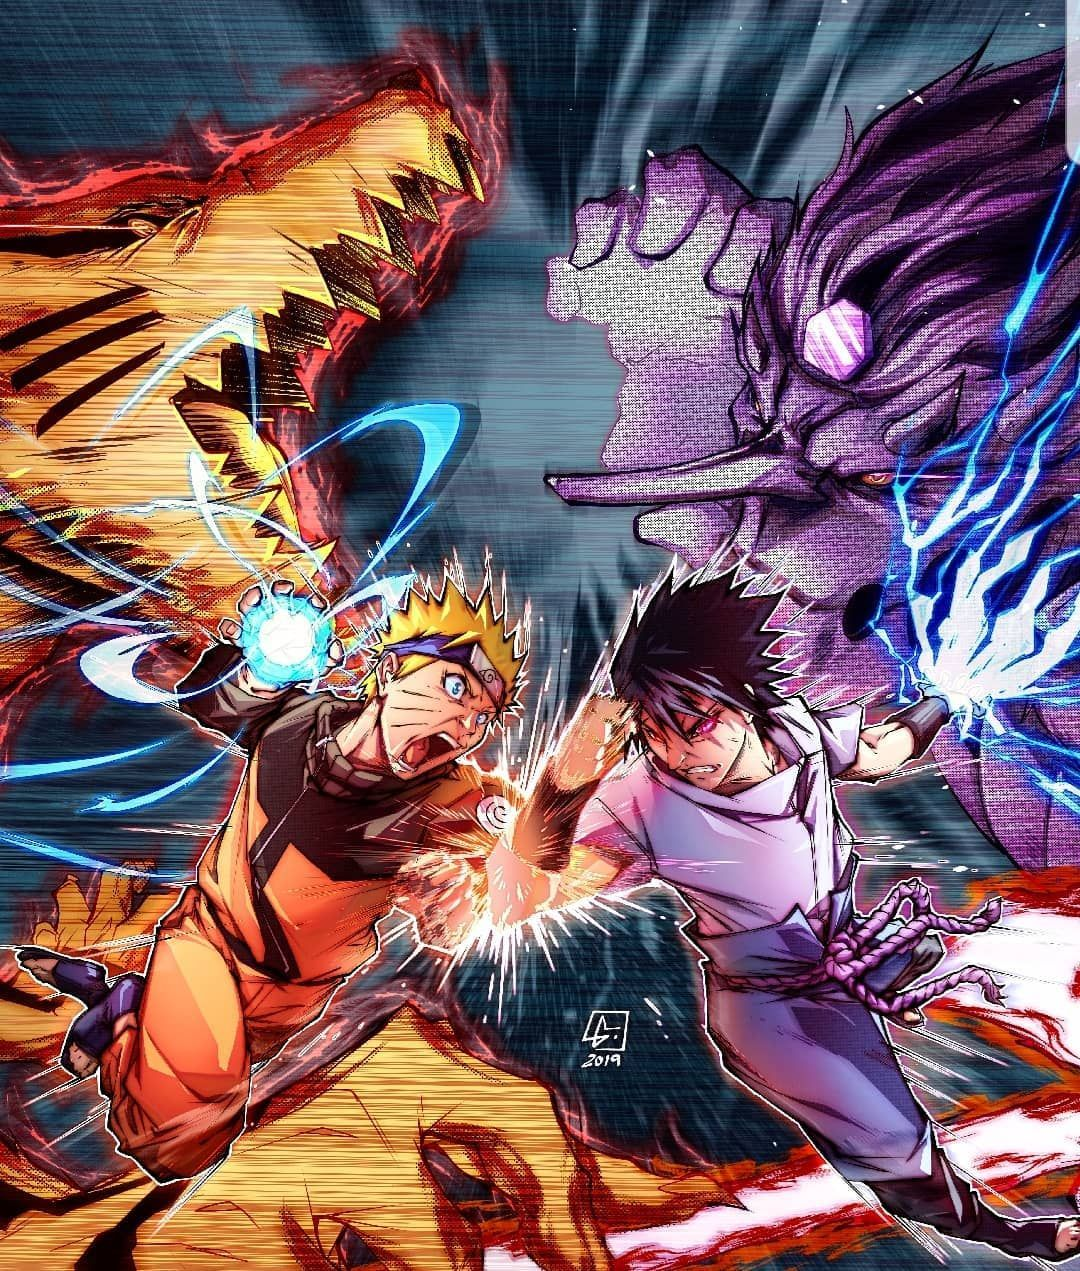 Naruto Vs Sasuke Com Imagens Naruto Shippuden Sasuke Naruto